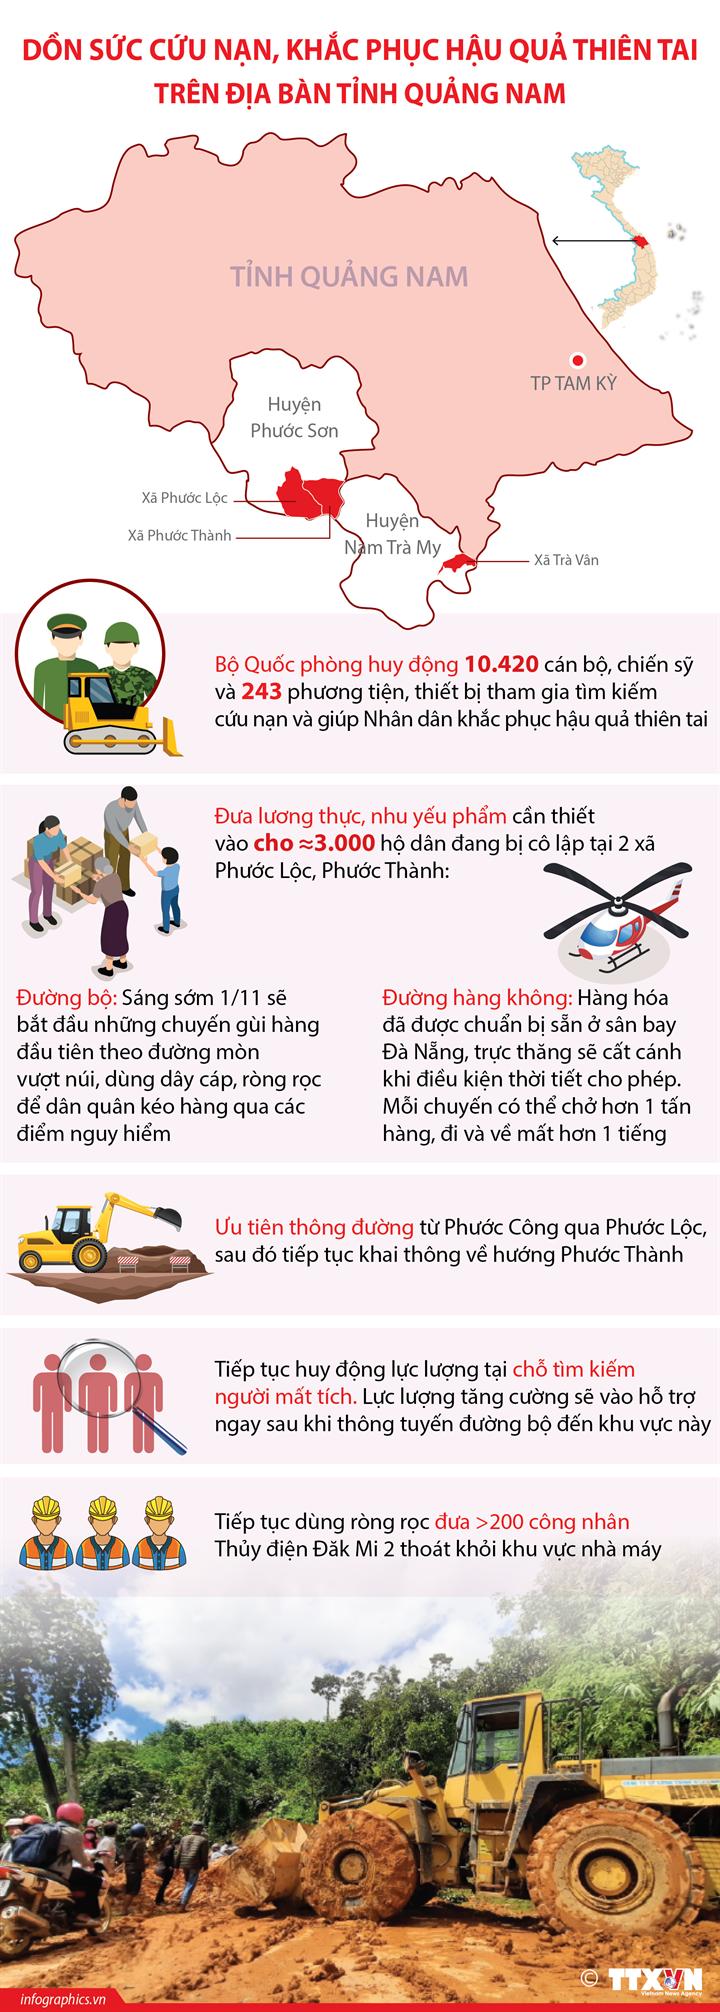 Dốc sức cứu nạn, khắc phục hậu quả thiên tai trên địa bàn tỉnh Quảng Nam